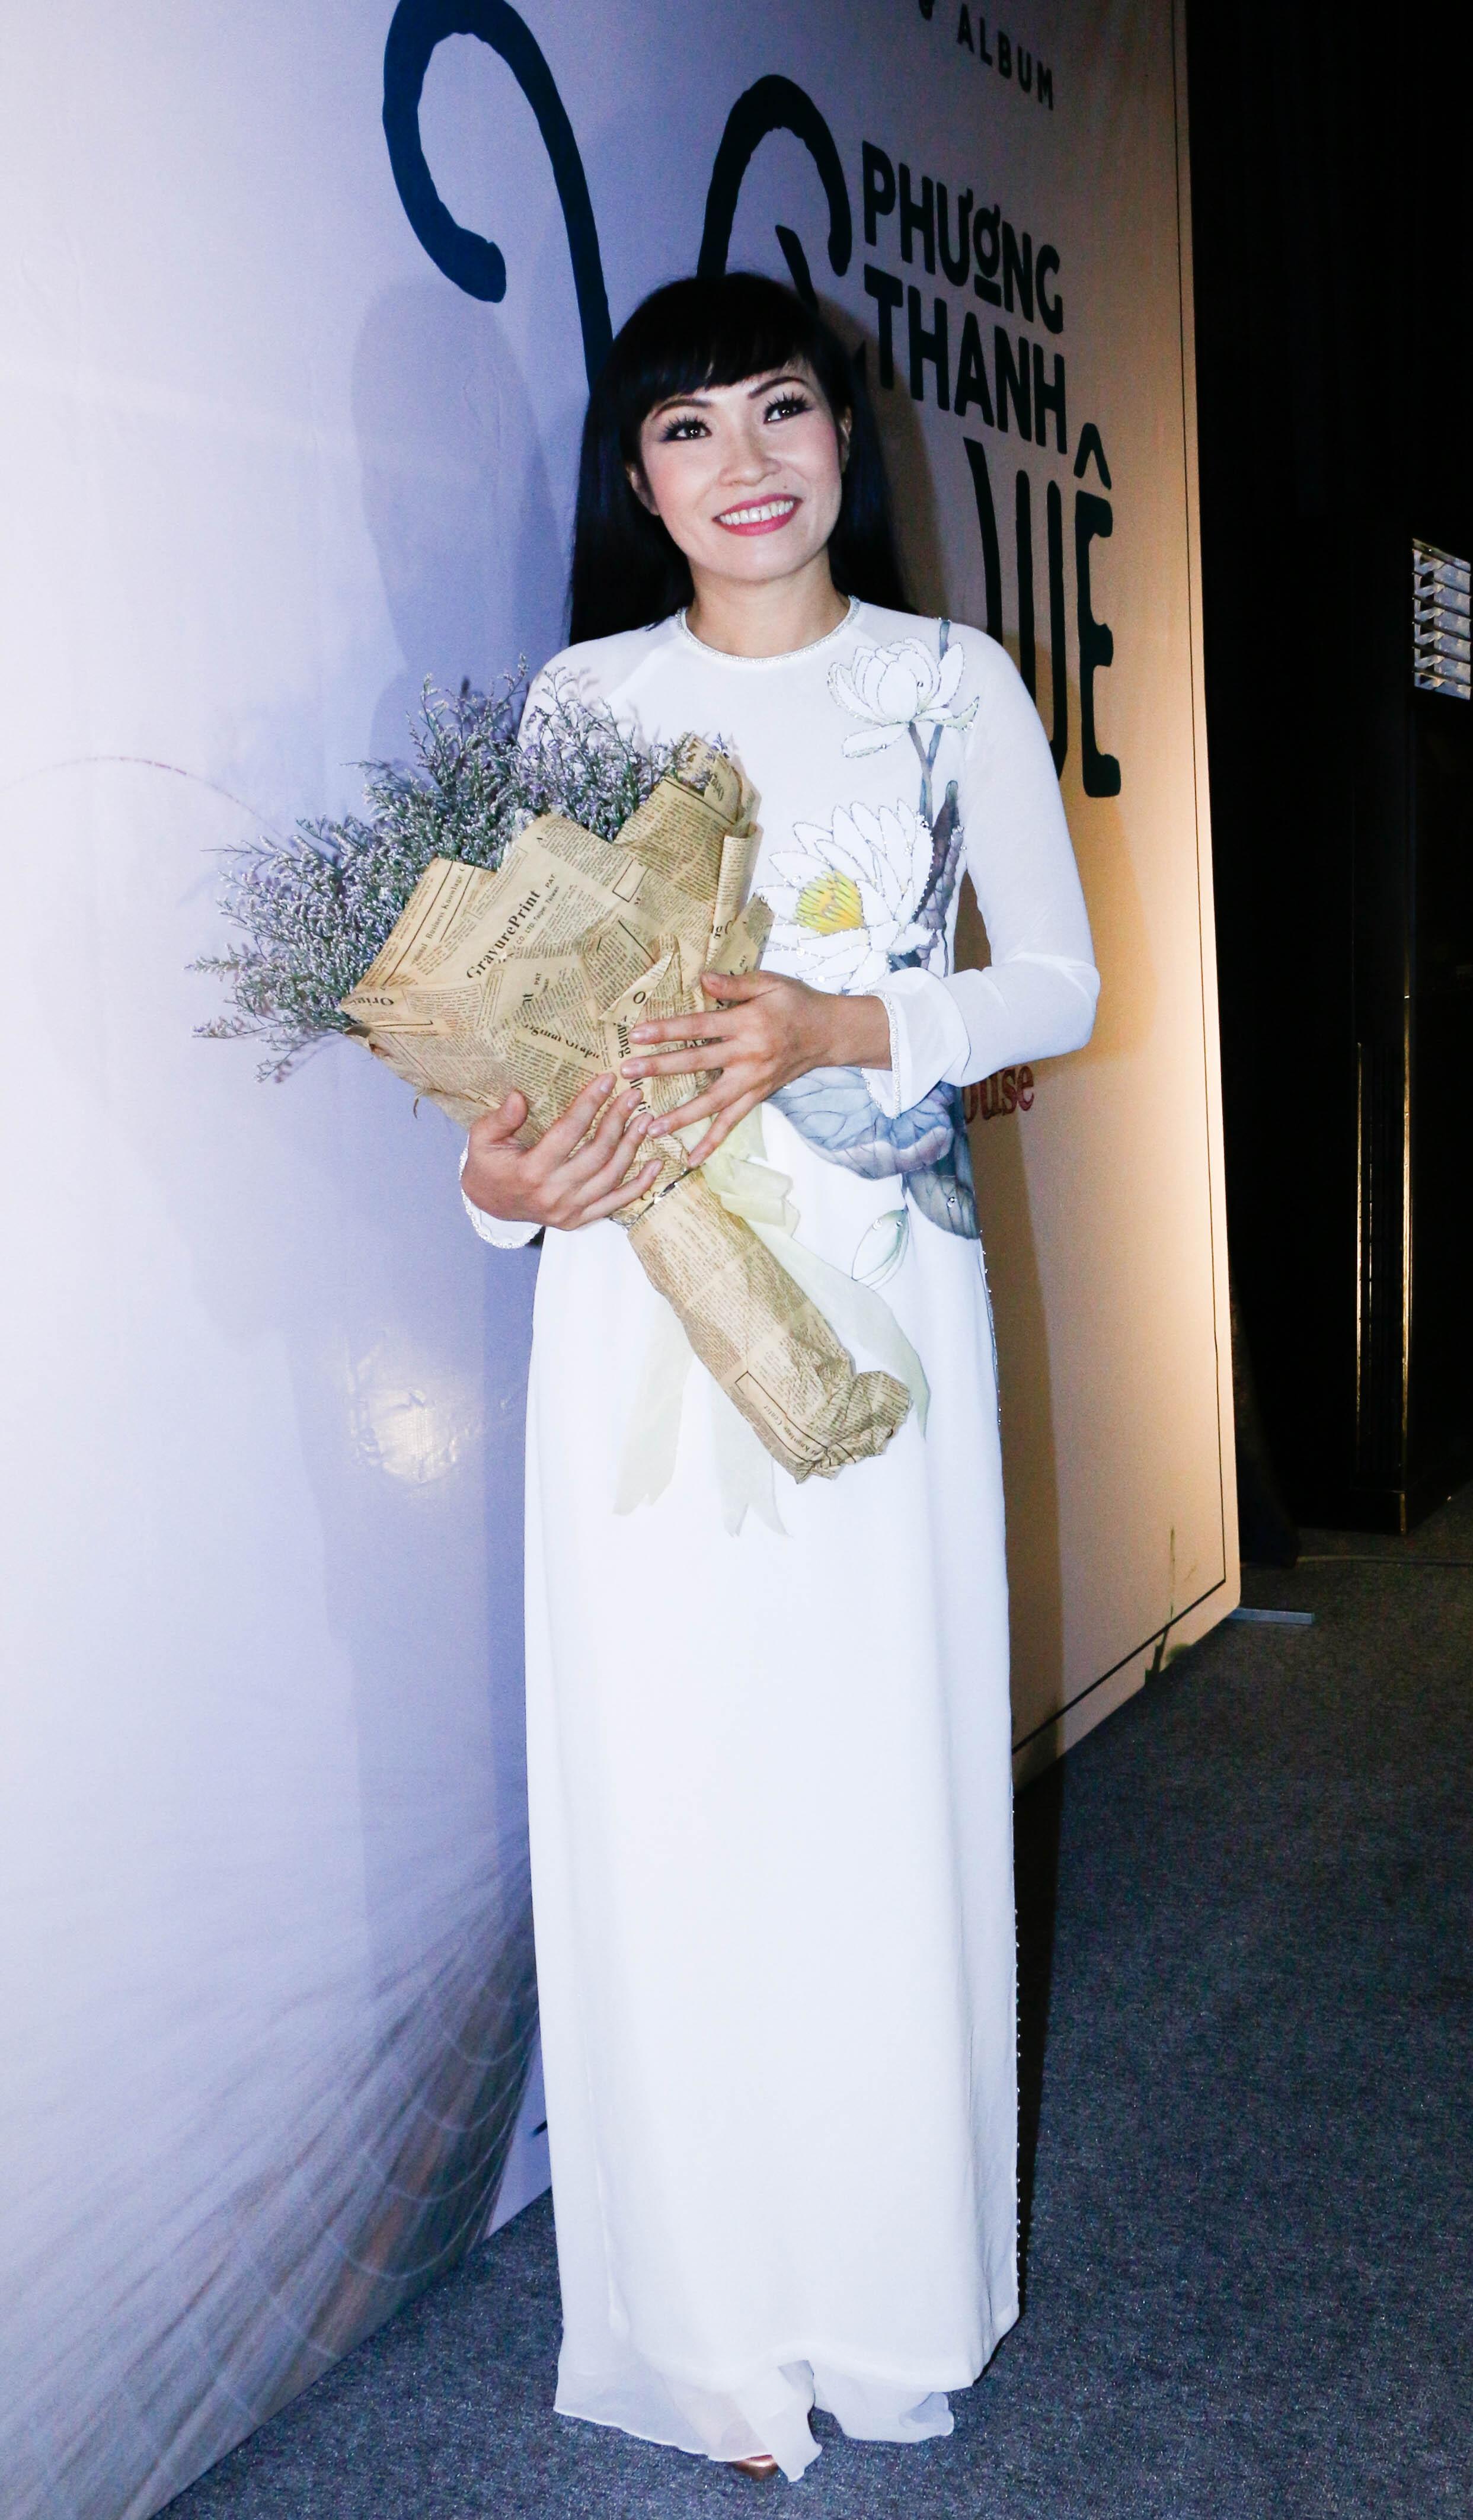 Trái với hình ảnh một nữ hoàng nhạc rock đầy máu lửa trên sân khấu, Phương Thanh bất ngờ diện bộ áo dài trắng nền nã của nhà thiết kế Sỹ Hoàng. Được biết, áo dài được thiết kế giống hệt như quà tặng phu nhân tổng thống Obama.